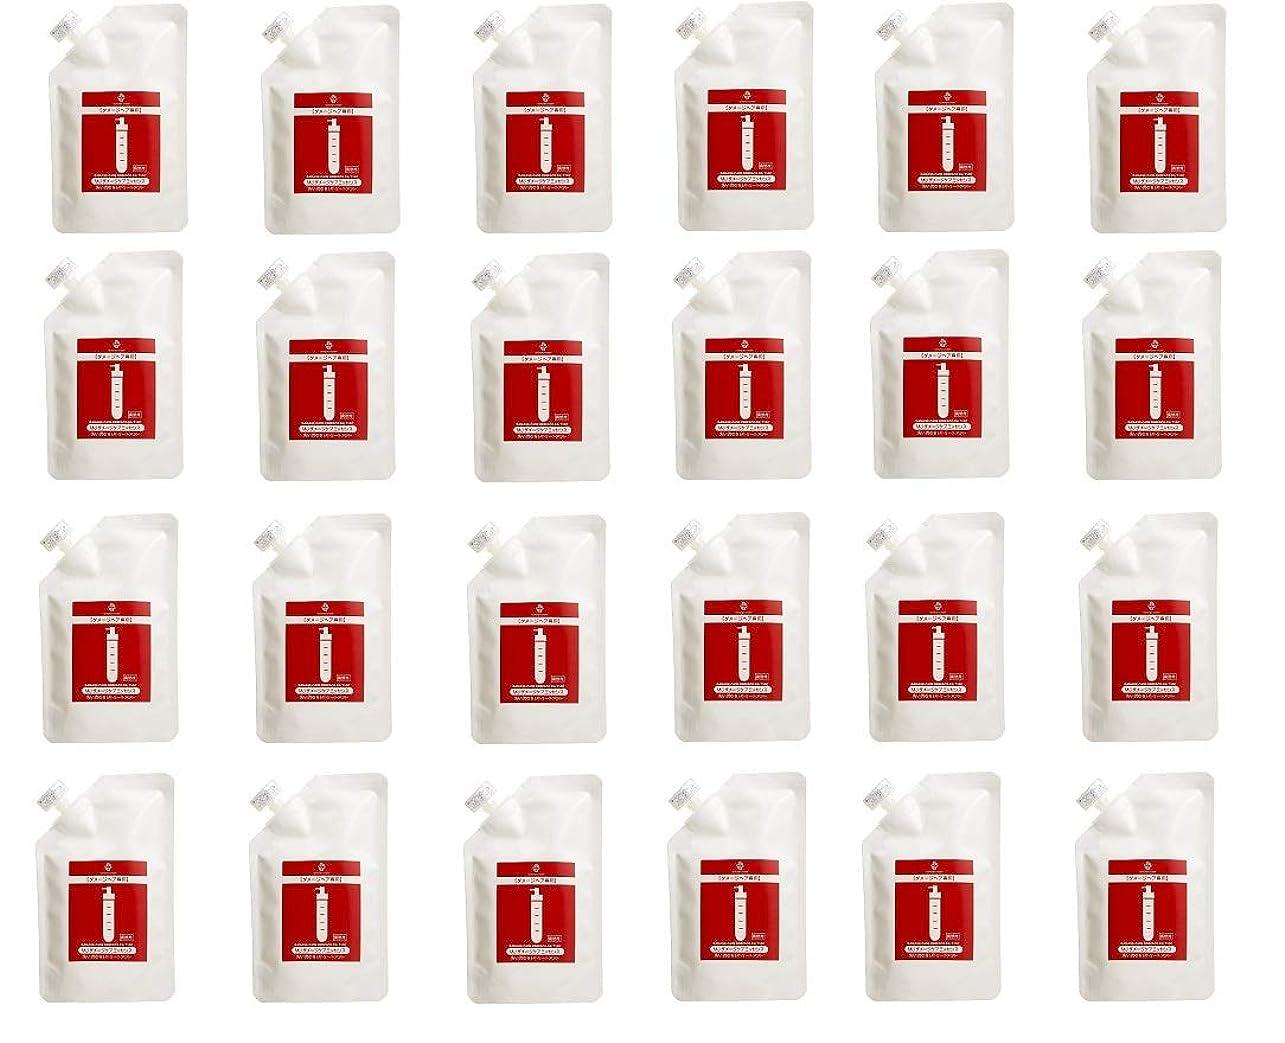 クラッシュ脅かすオフェンス【24個セット】 マーガレット ジョセフィン ダメージケアエッセンス 詰替え用 120ml